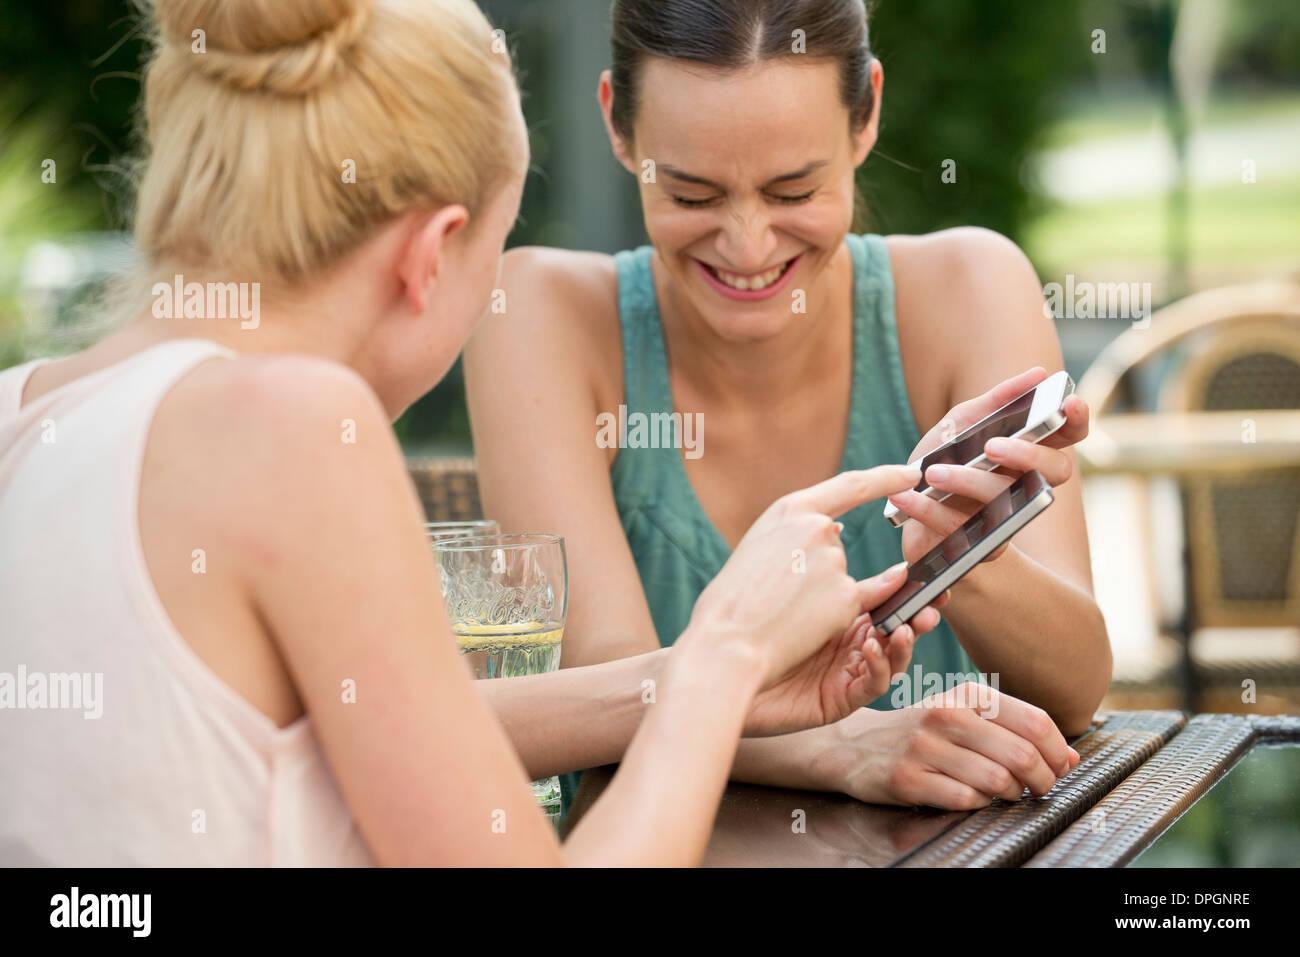 Los amigos comparten reír a través de los medios de comunicación social Imagen De Stock